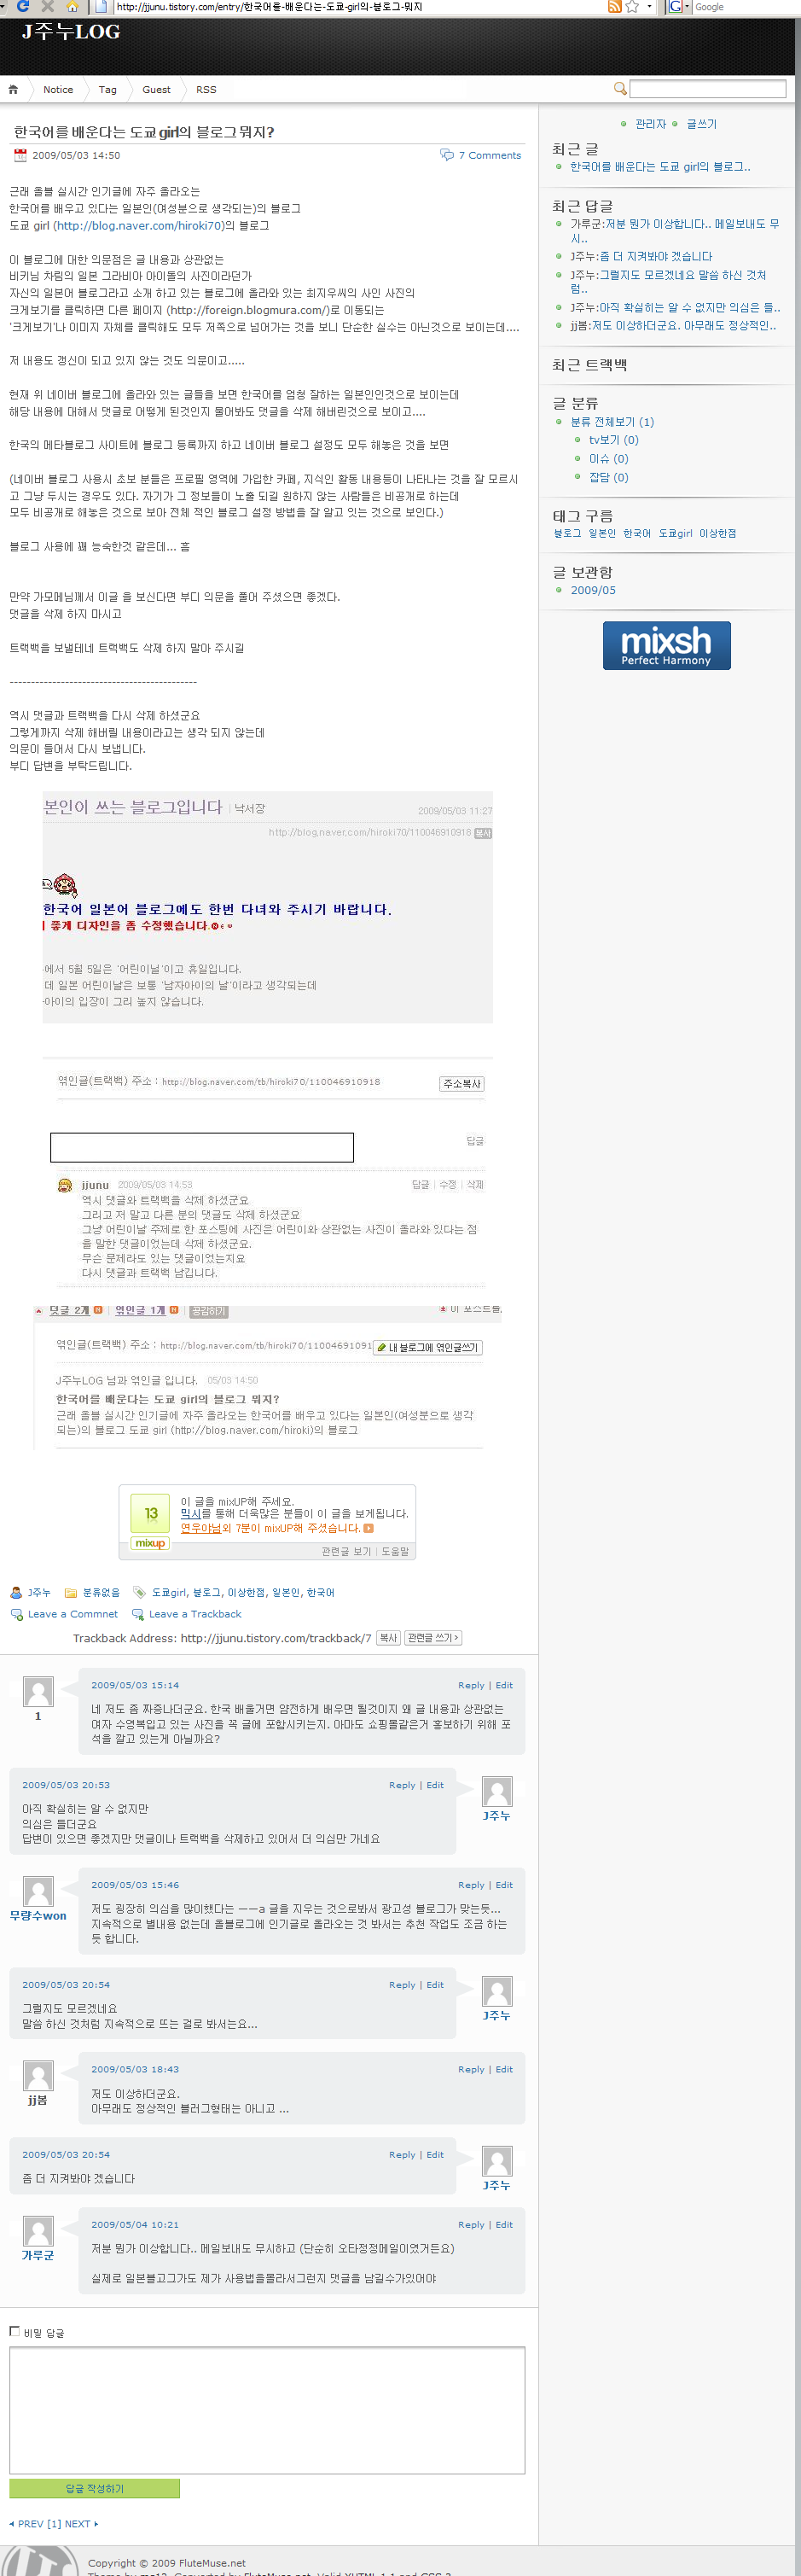 2009년 5월 4일 11:29분경 J주누님의 블로그에서 화면 캡처